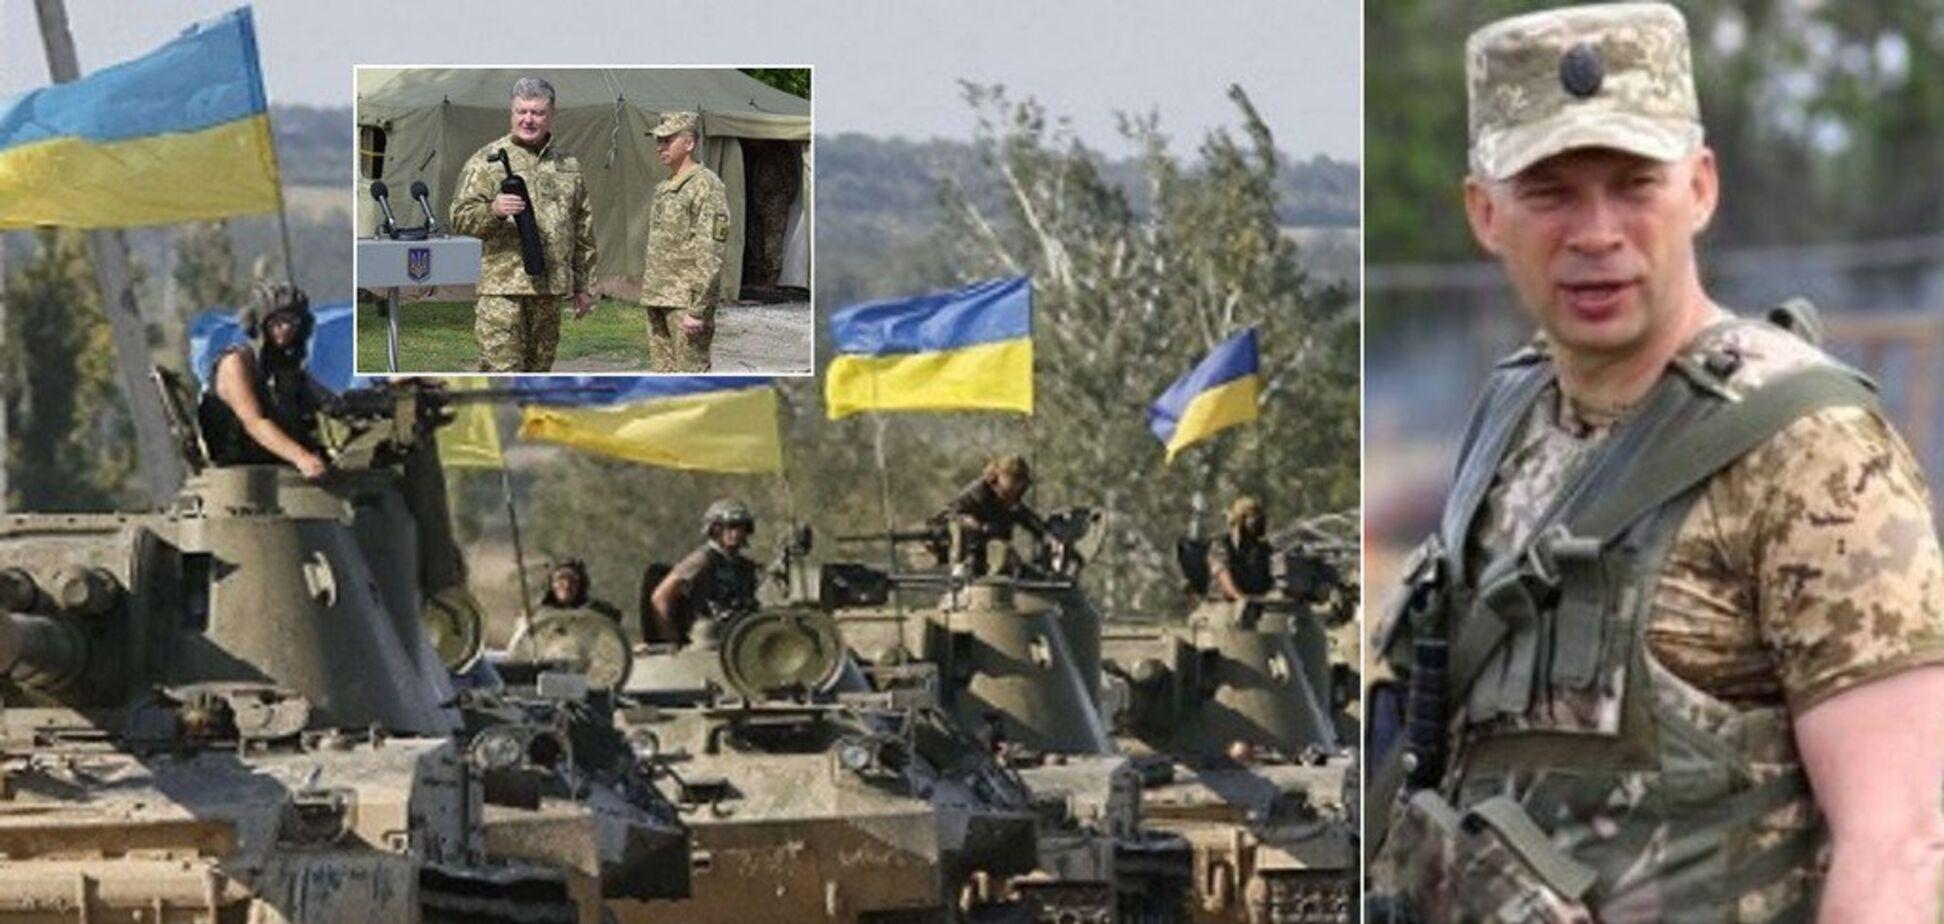 Порошенко назначил нового командующего ООС на Донбассе: кто он такой